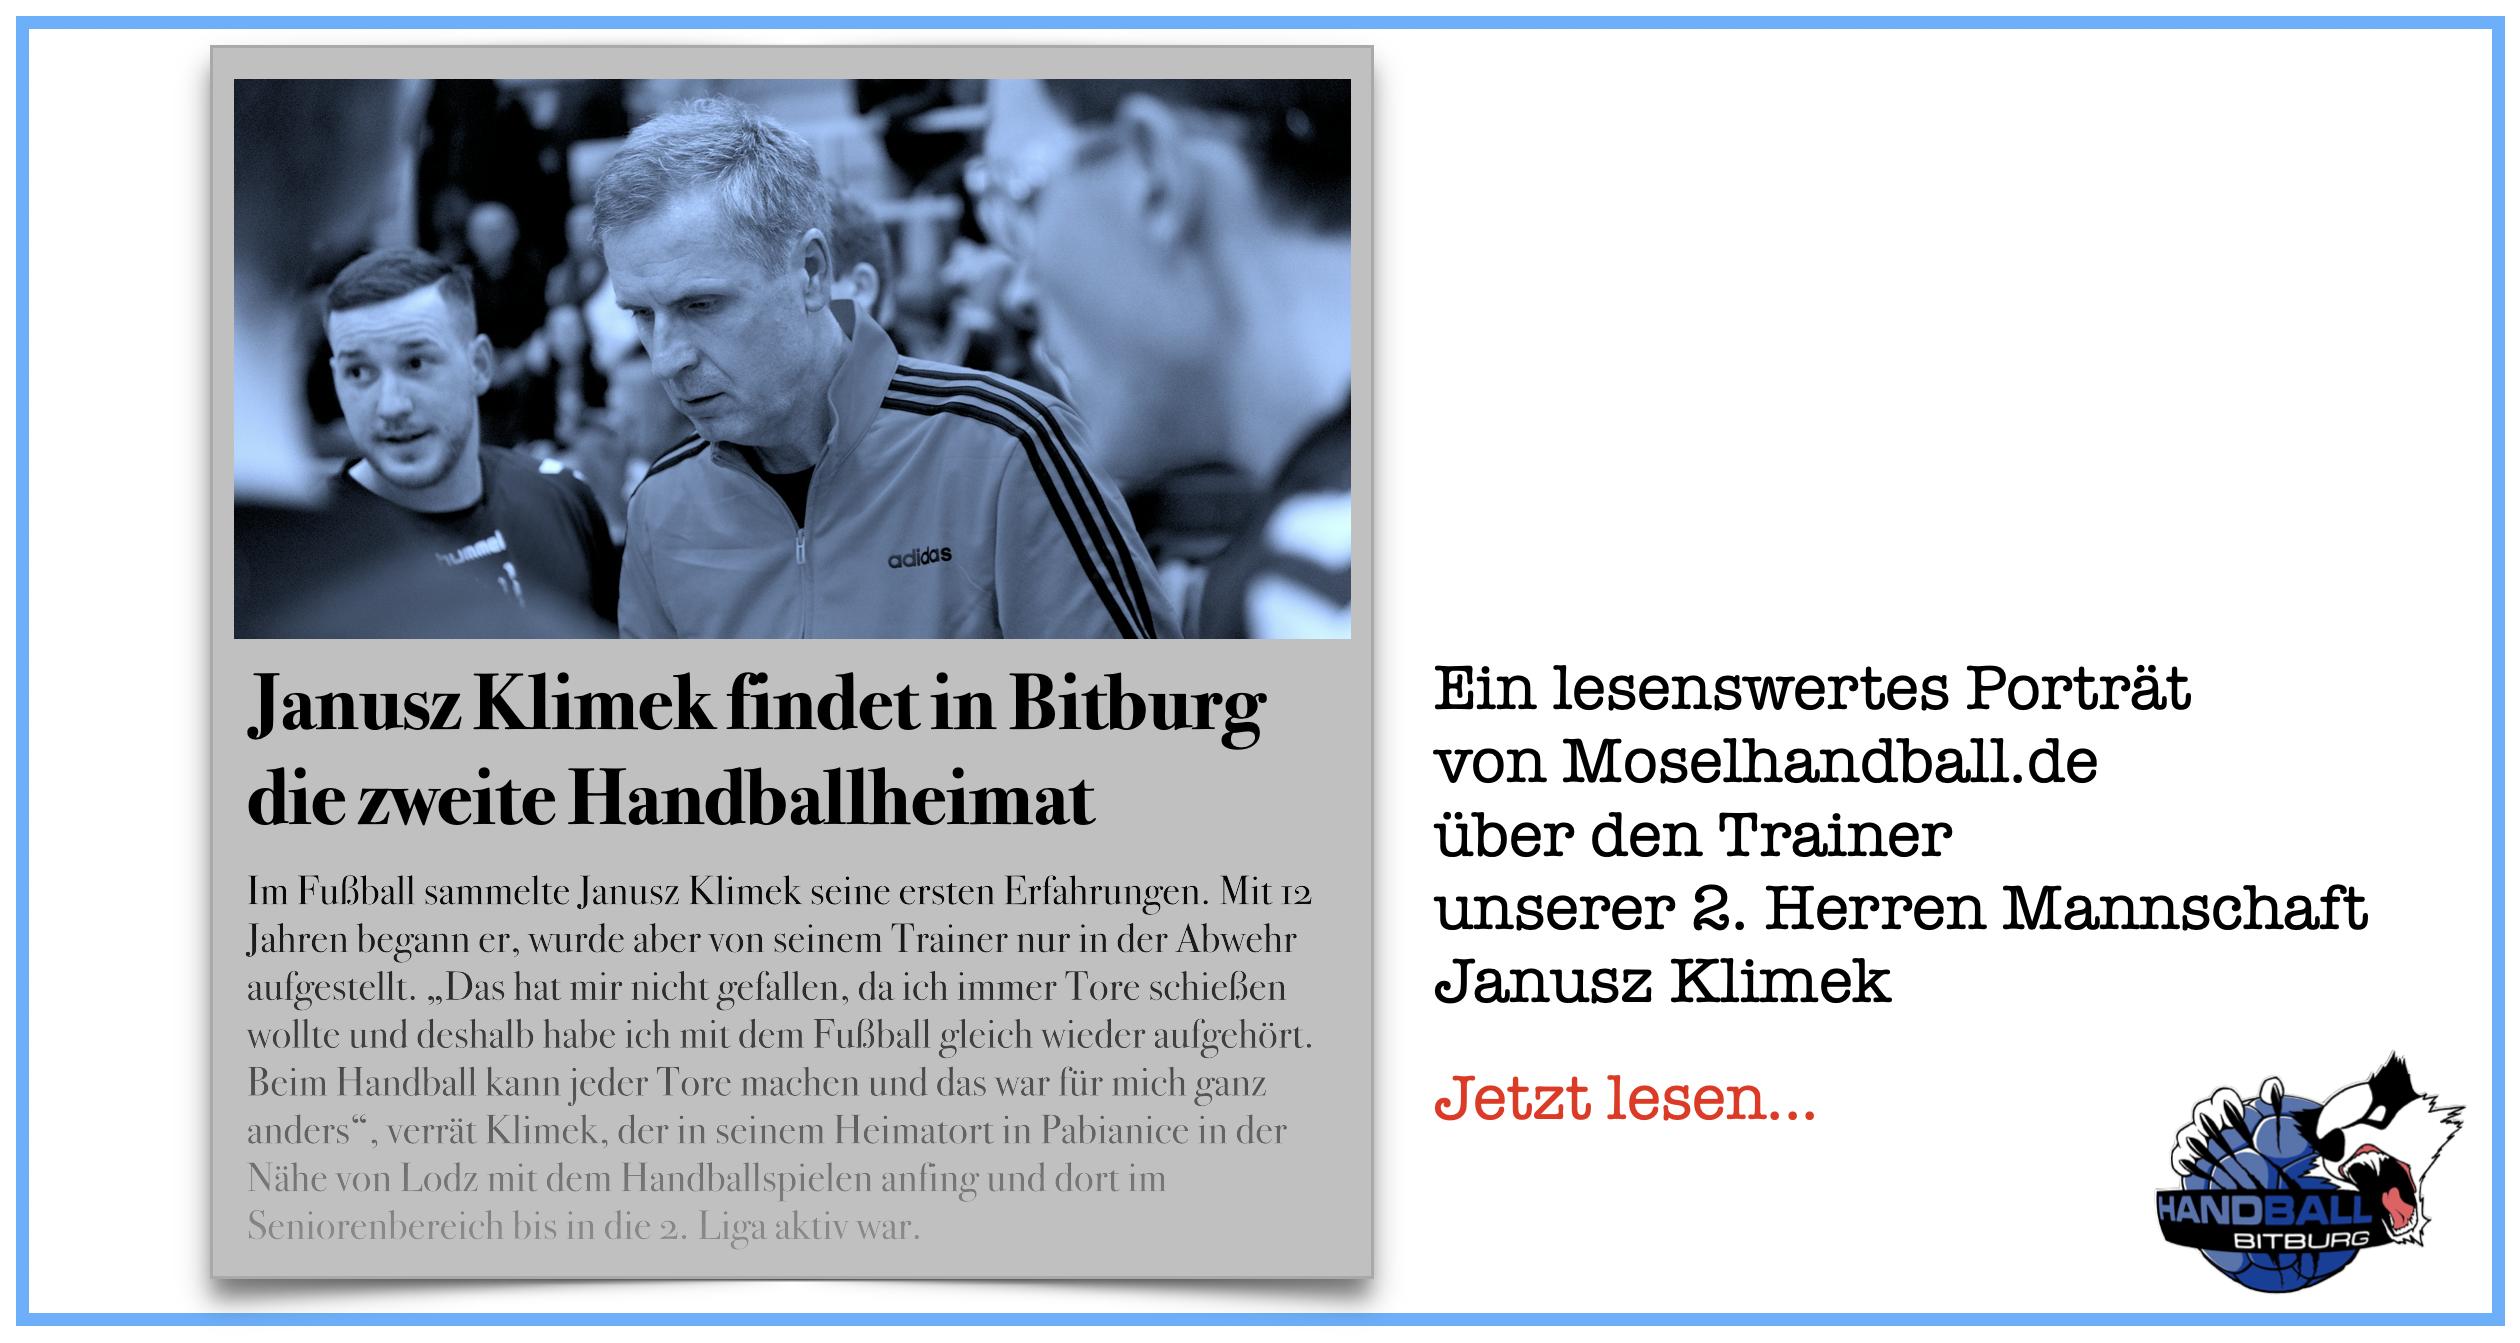 Moselhandball-Porträt: Janusz Klimek findet in Bitburg die zweite Handballheimat